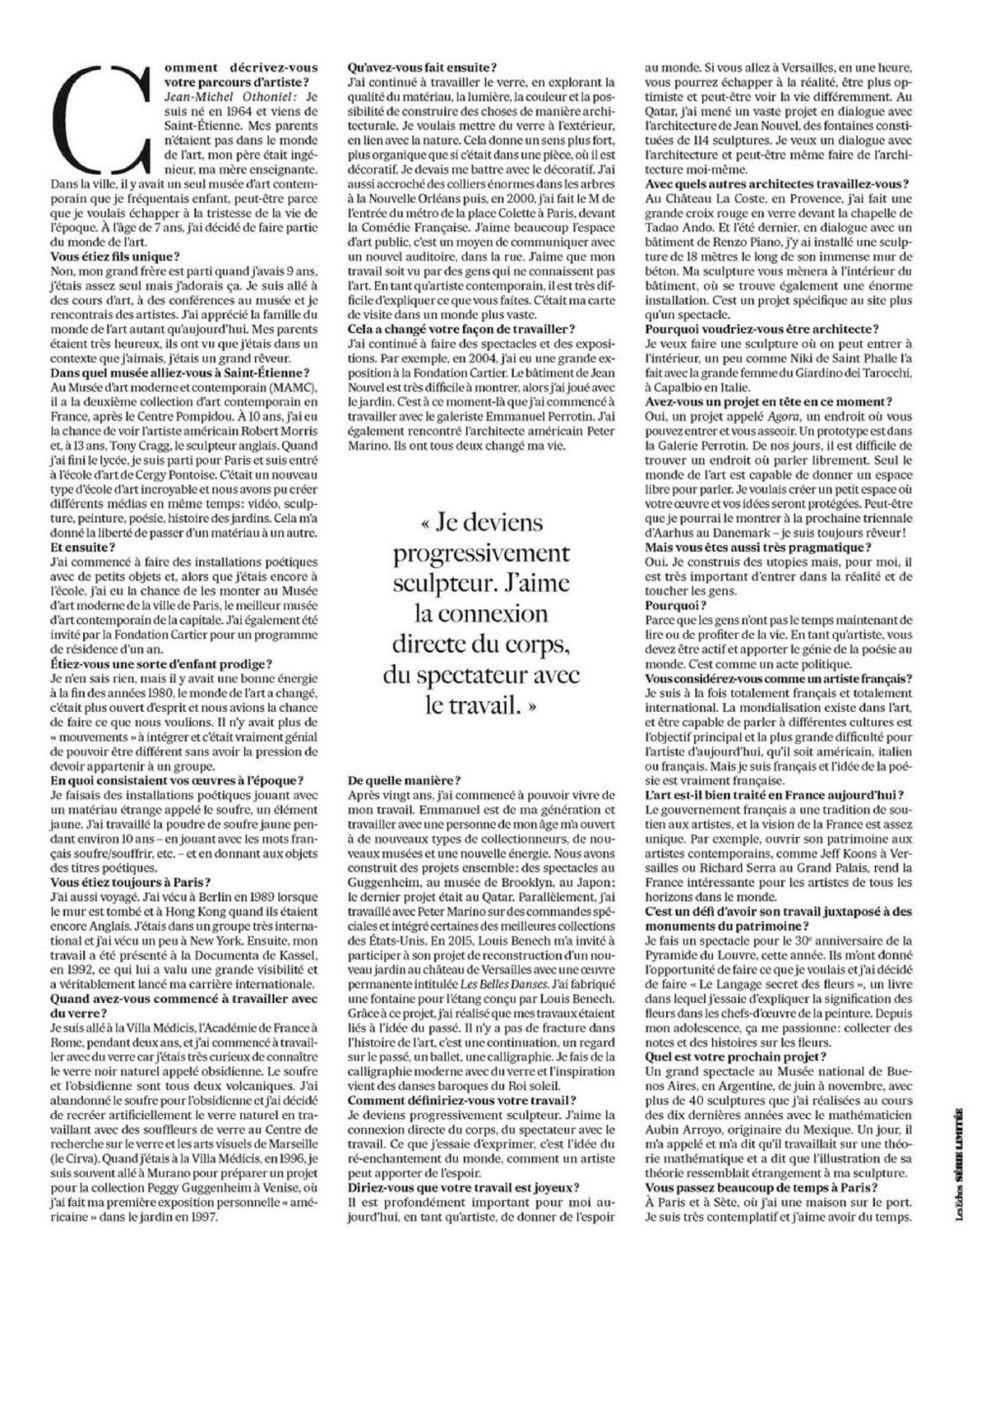 Les Echos | Jean-Michel OTHONIEL